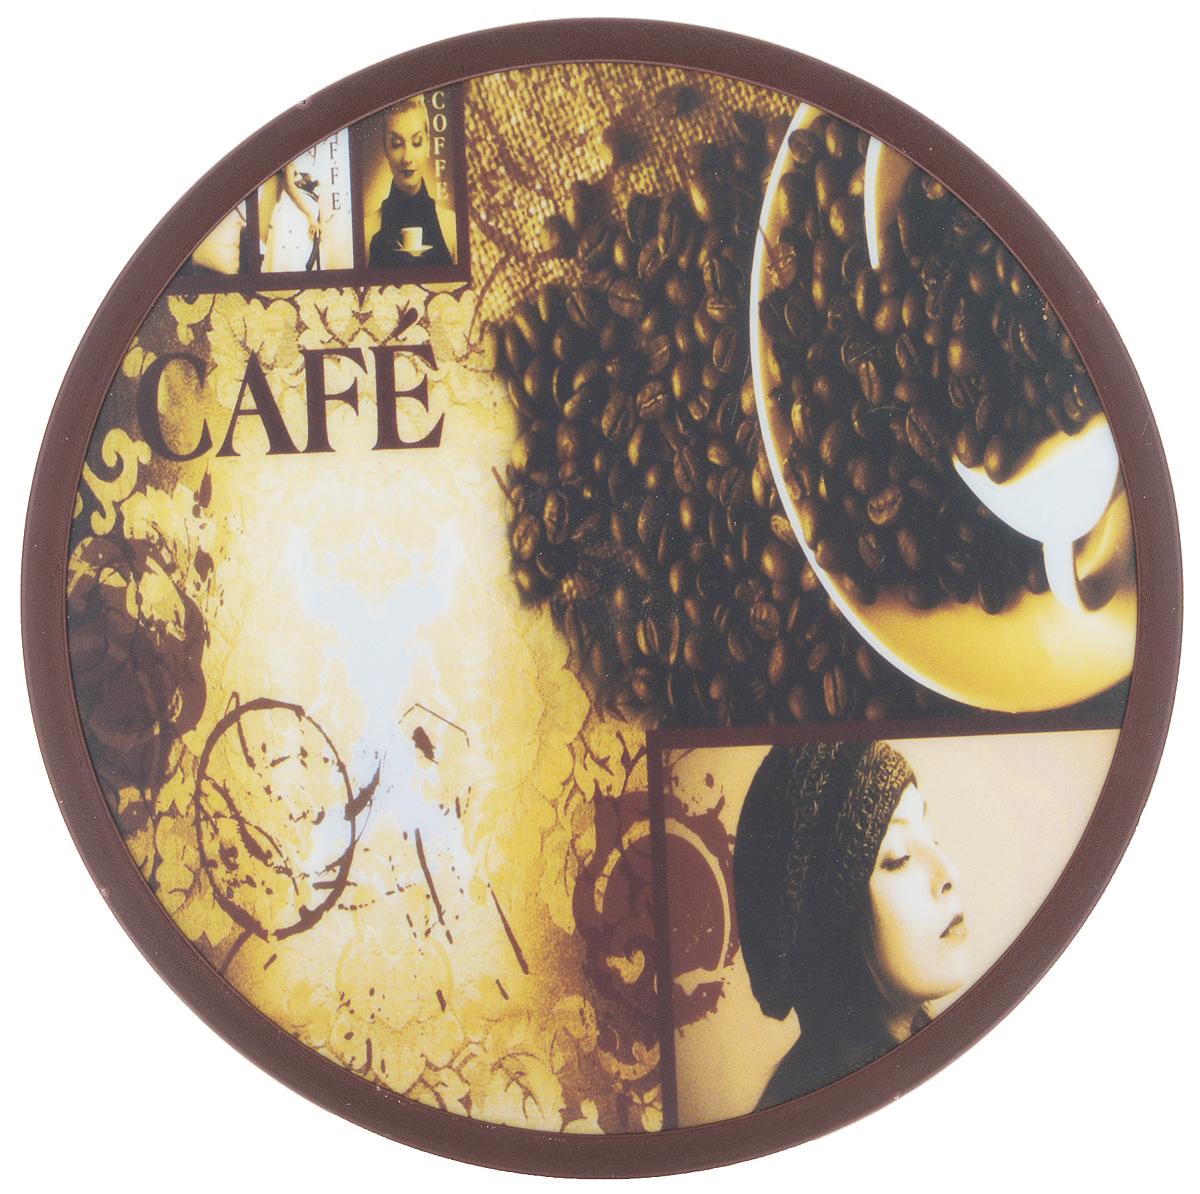 Доска разделочная Mayer & Boch, вращающаяся, диаметр 30 см. 2559954 009312Вращающаяся разделочная доска Mayer & Boch, выполненная из высококачественного пластика и дерева, станет незаменимым аксессуаром на вашей кухне. Доска декорирована красочными рисунками и надписями. Антибактериальное покрытие защищает от плесени, грибков и неприятных запахов.Изделие предназначено для измельчения продуктов. Доска вращается на 360°, что делает ее еще и отличным аксессуаром для сервировки пищи. Такая доска прекрасно впишется в интерьер любой кухни и прослужит вам долгие годы. Диаметр доски: 30 см. Диаметр основания: 18 см. Высота: 4 см.